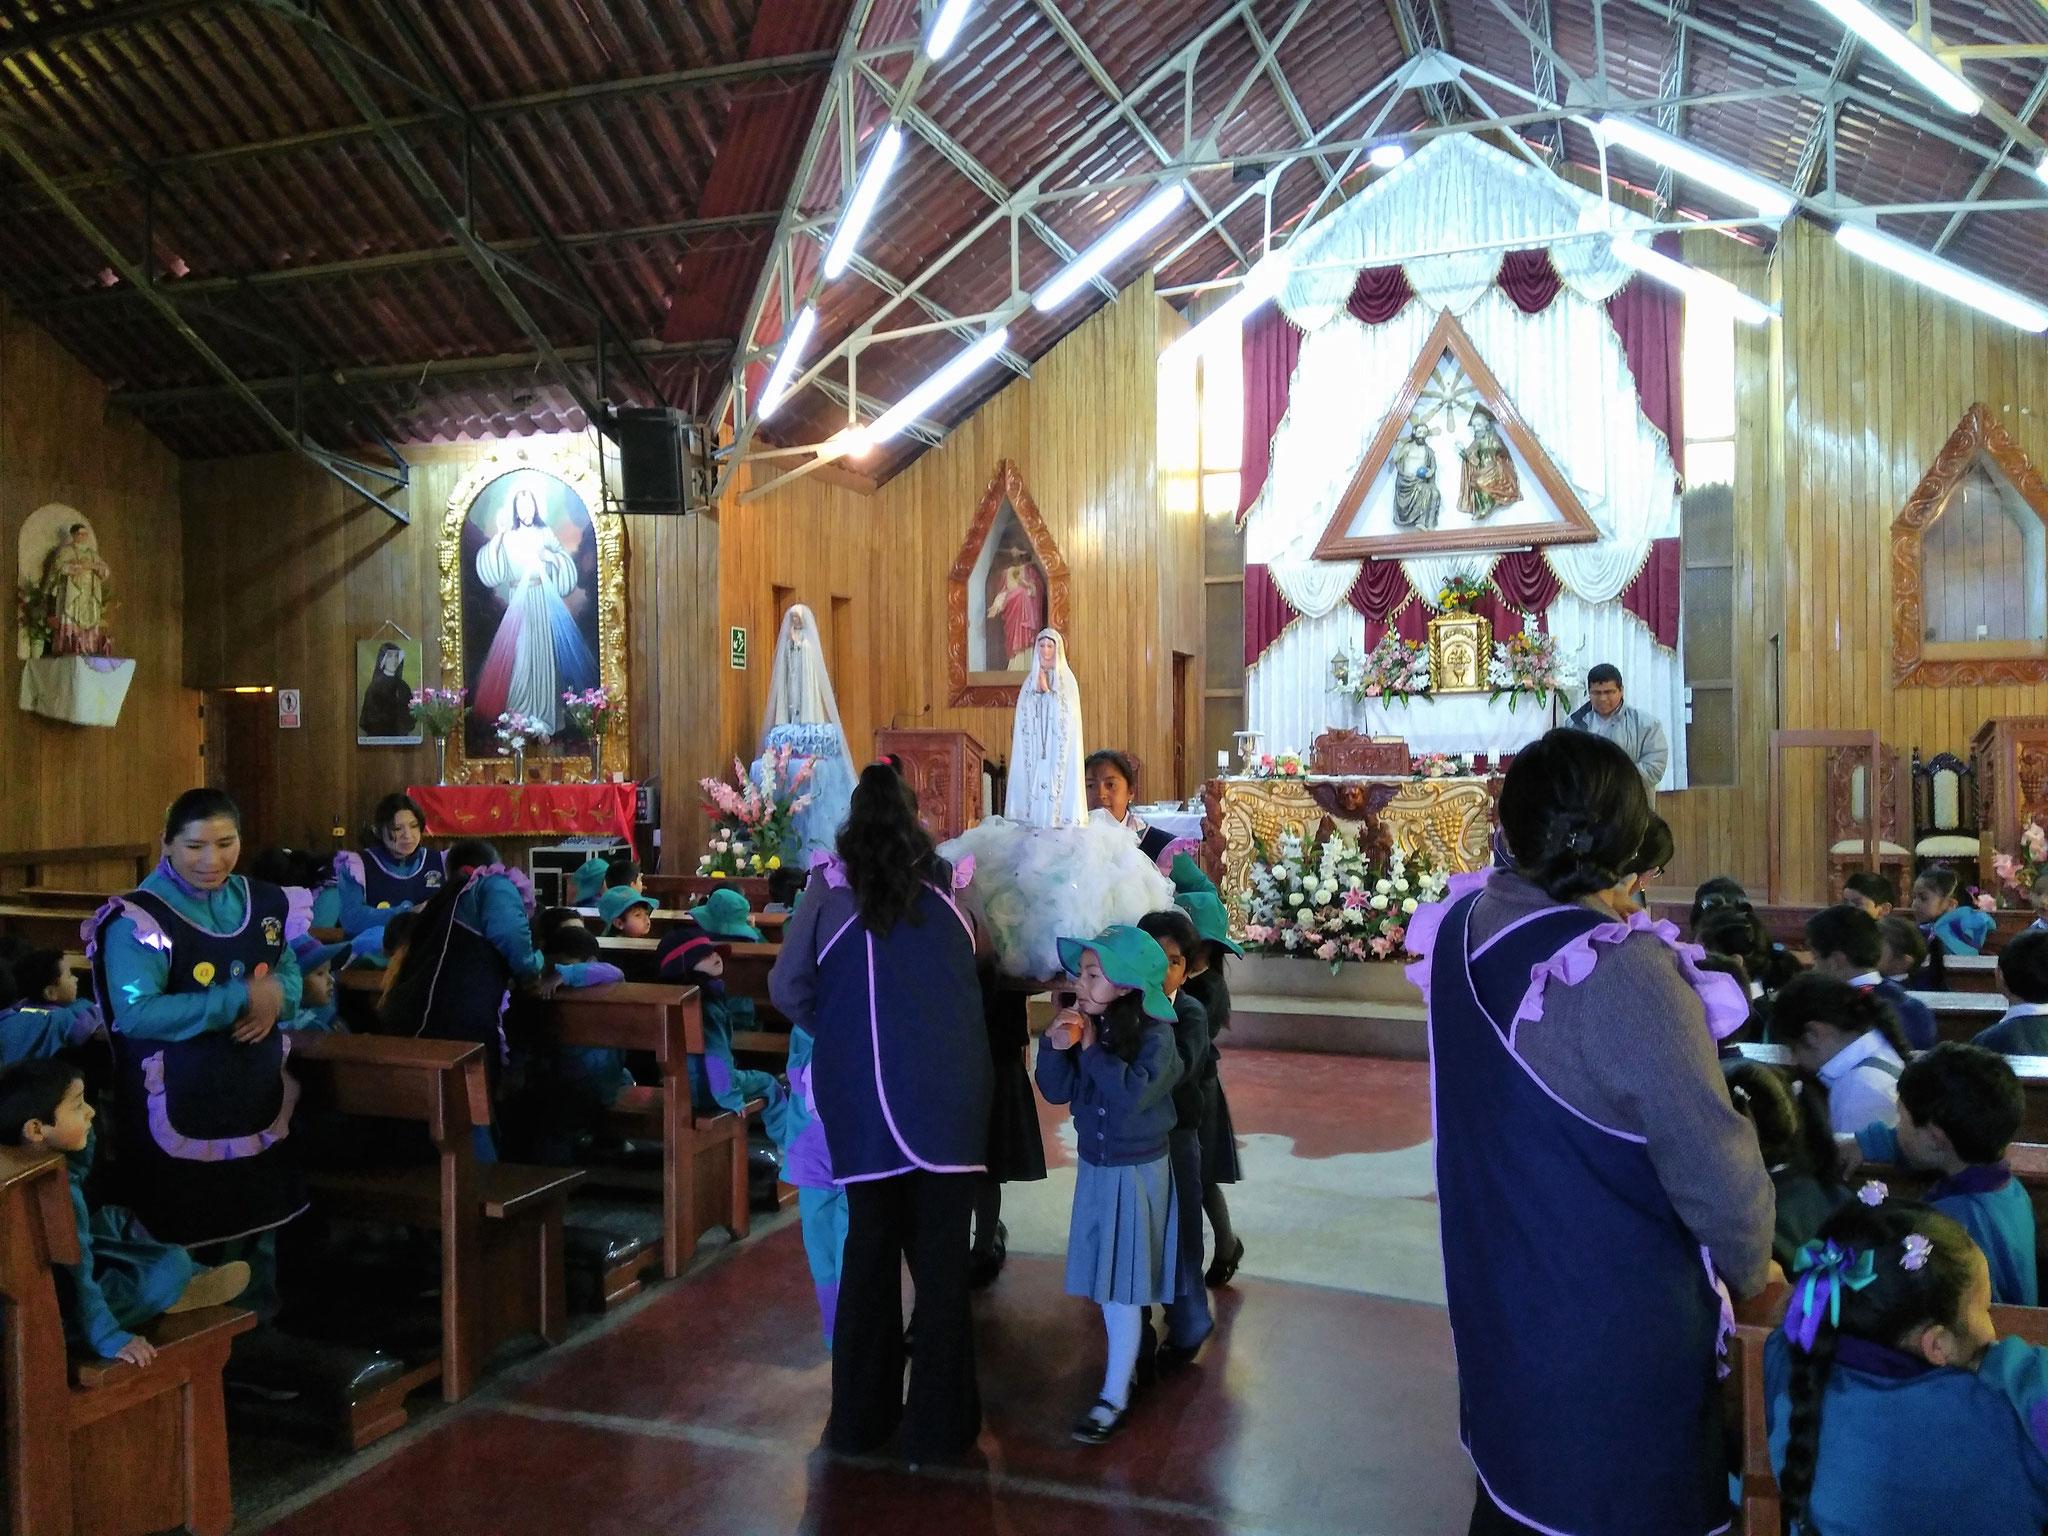 Die Virgen de Fatima wird aus der Kirche in den Kindergarten getragen.